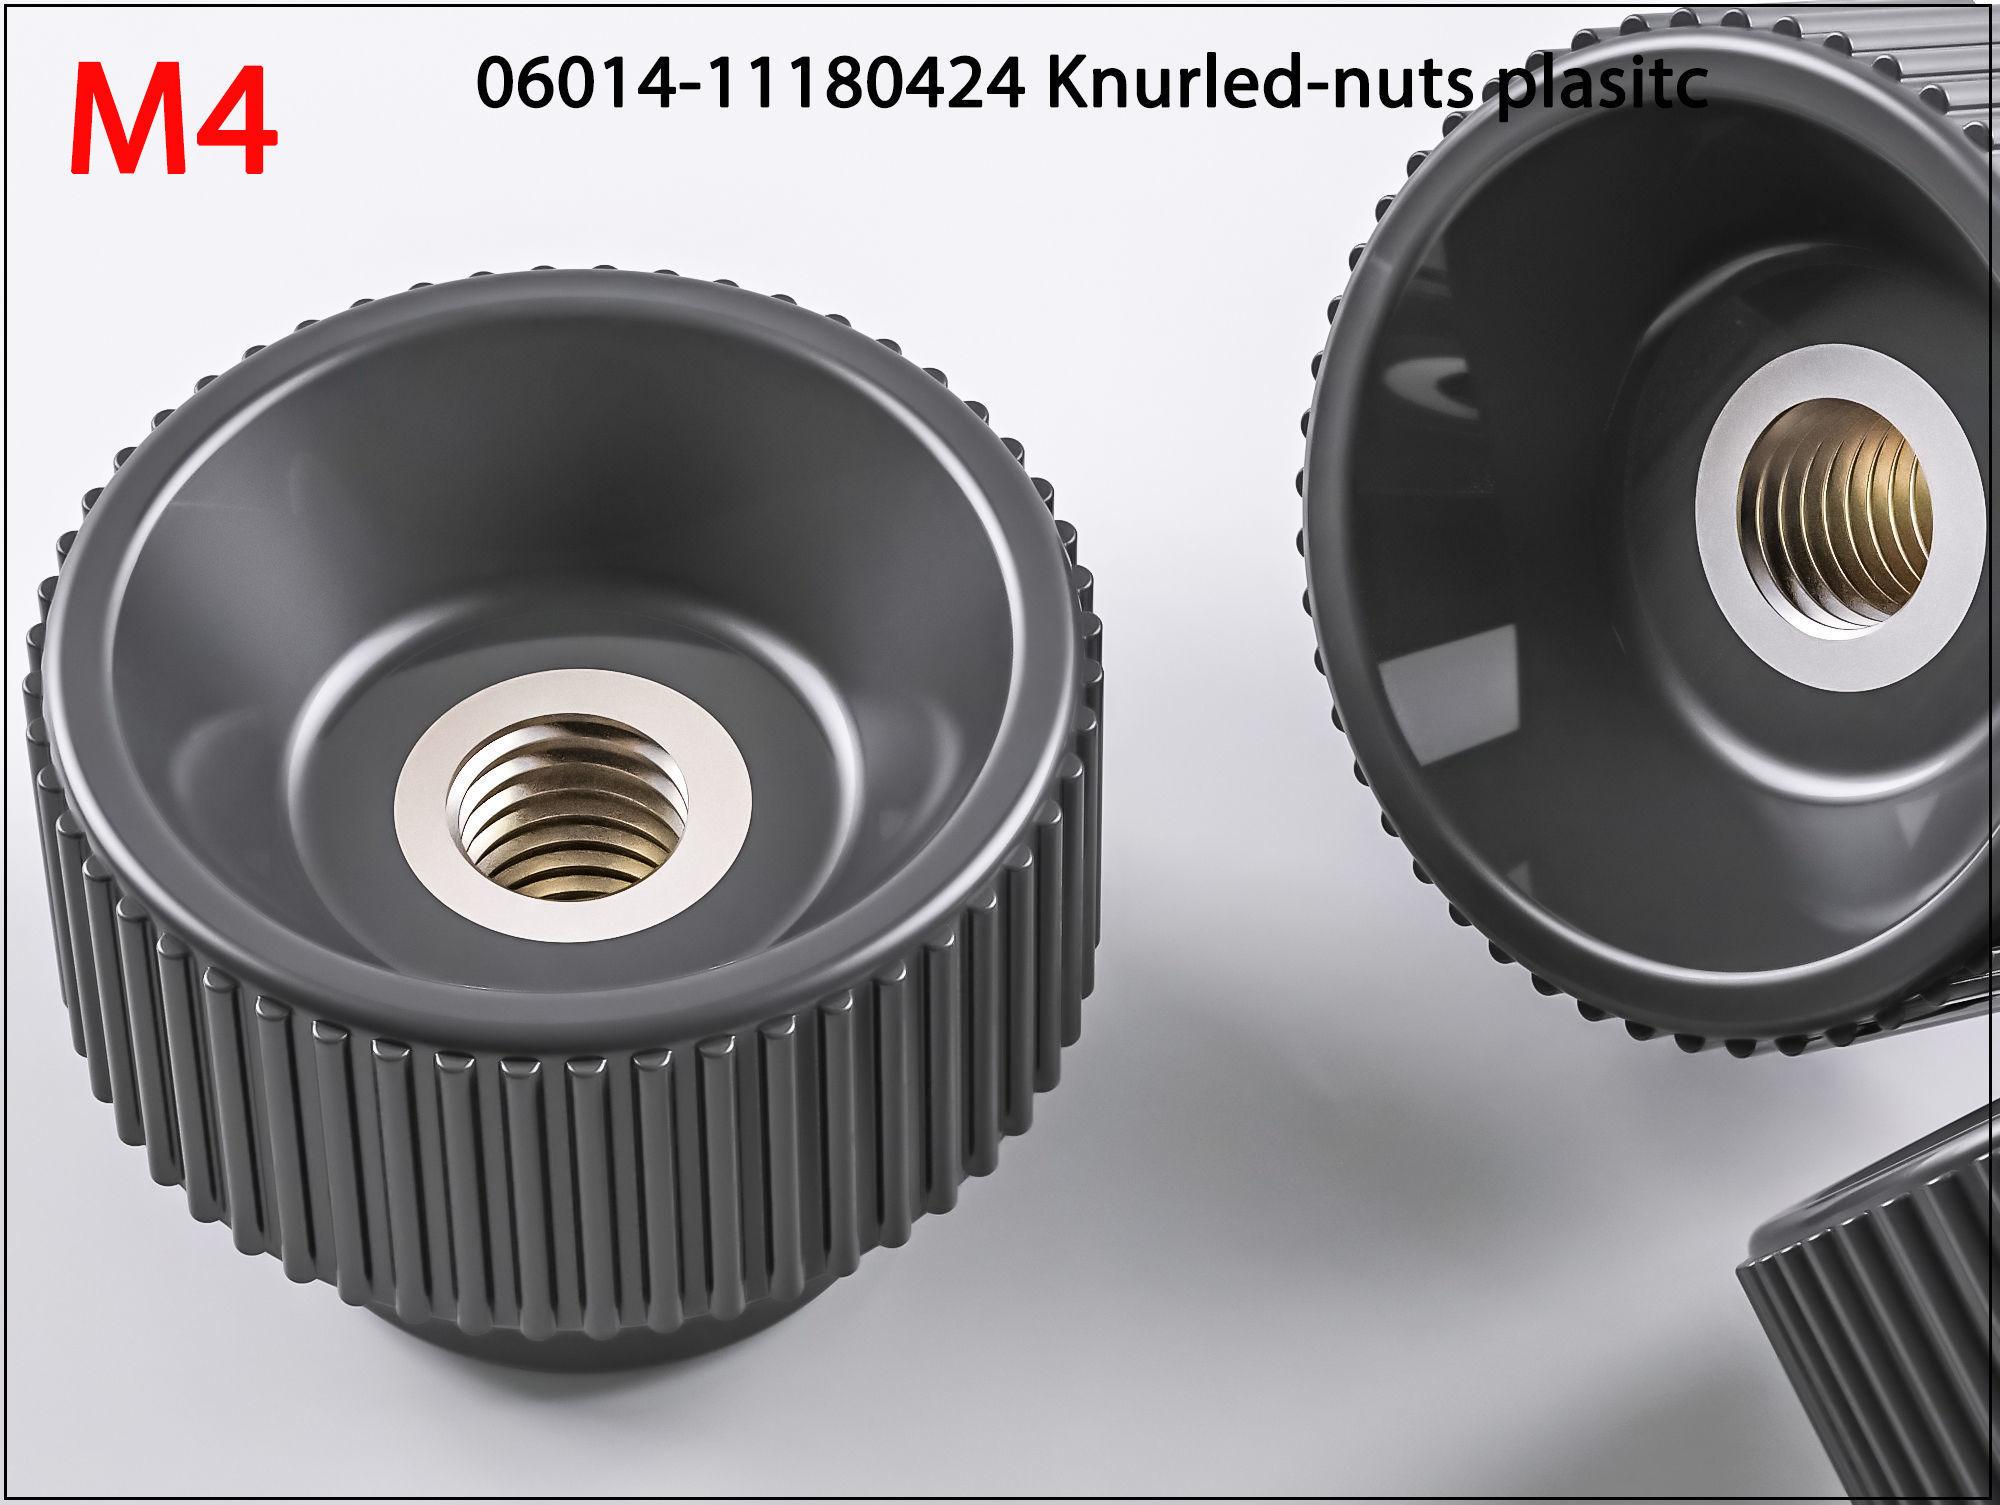 3D Nuts M4 06014 11180424 Knurled plasitc 3D print model